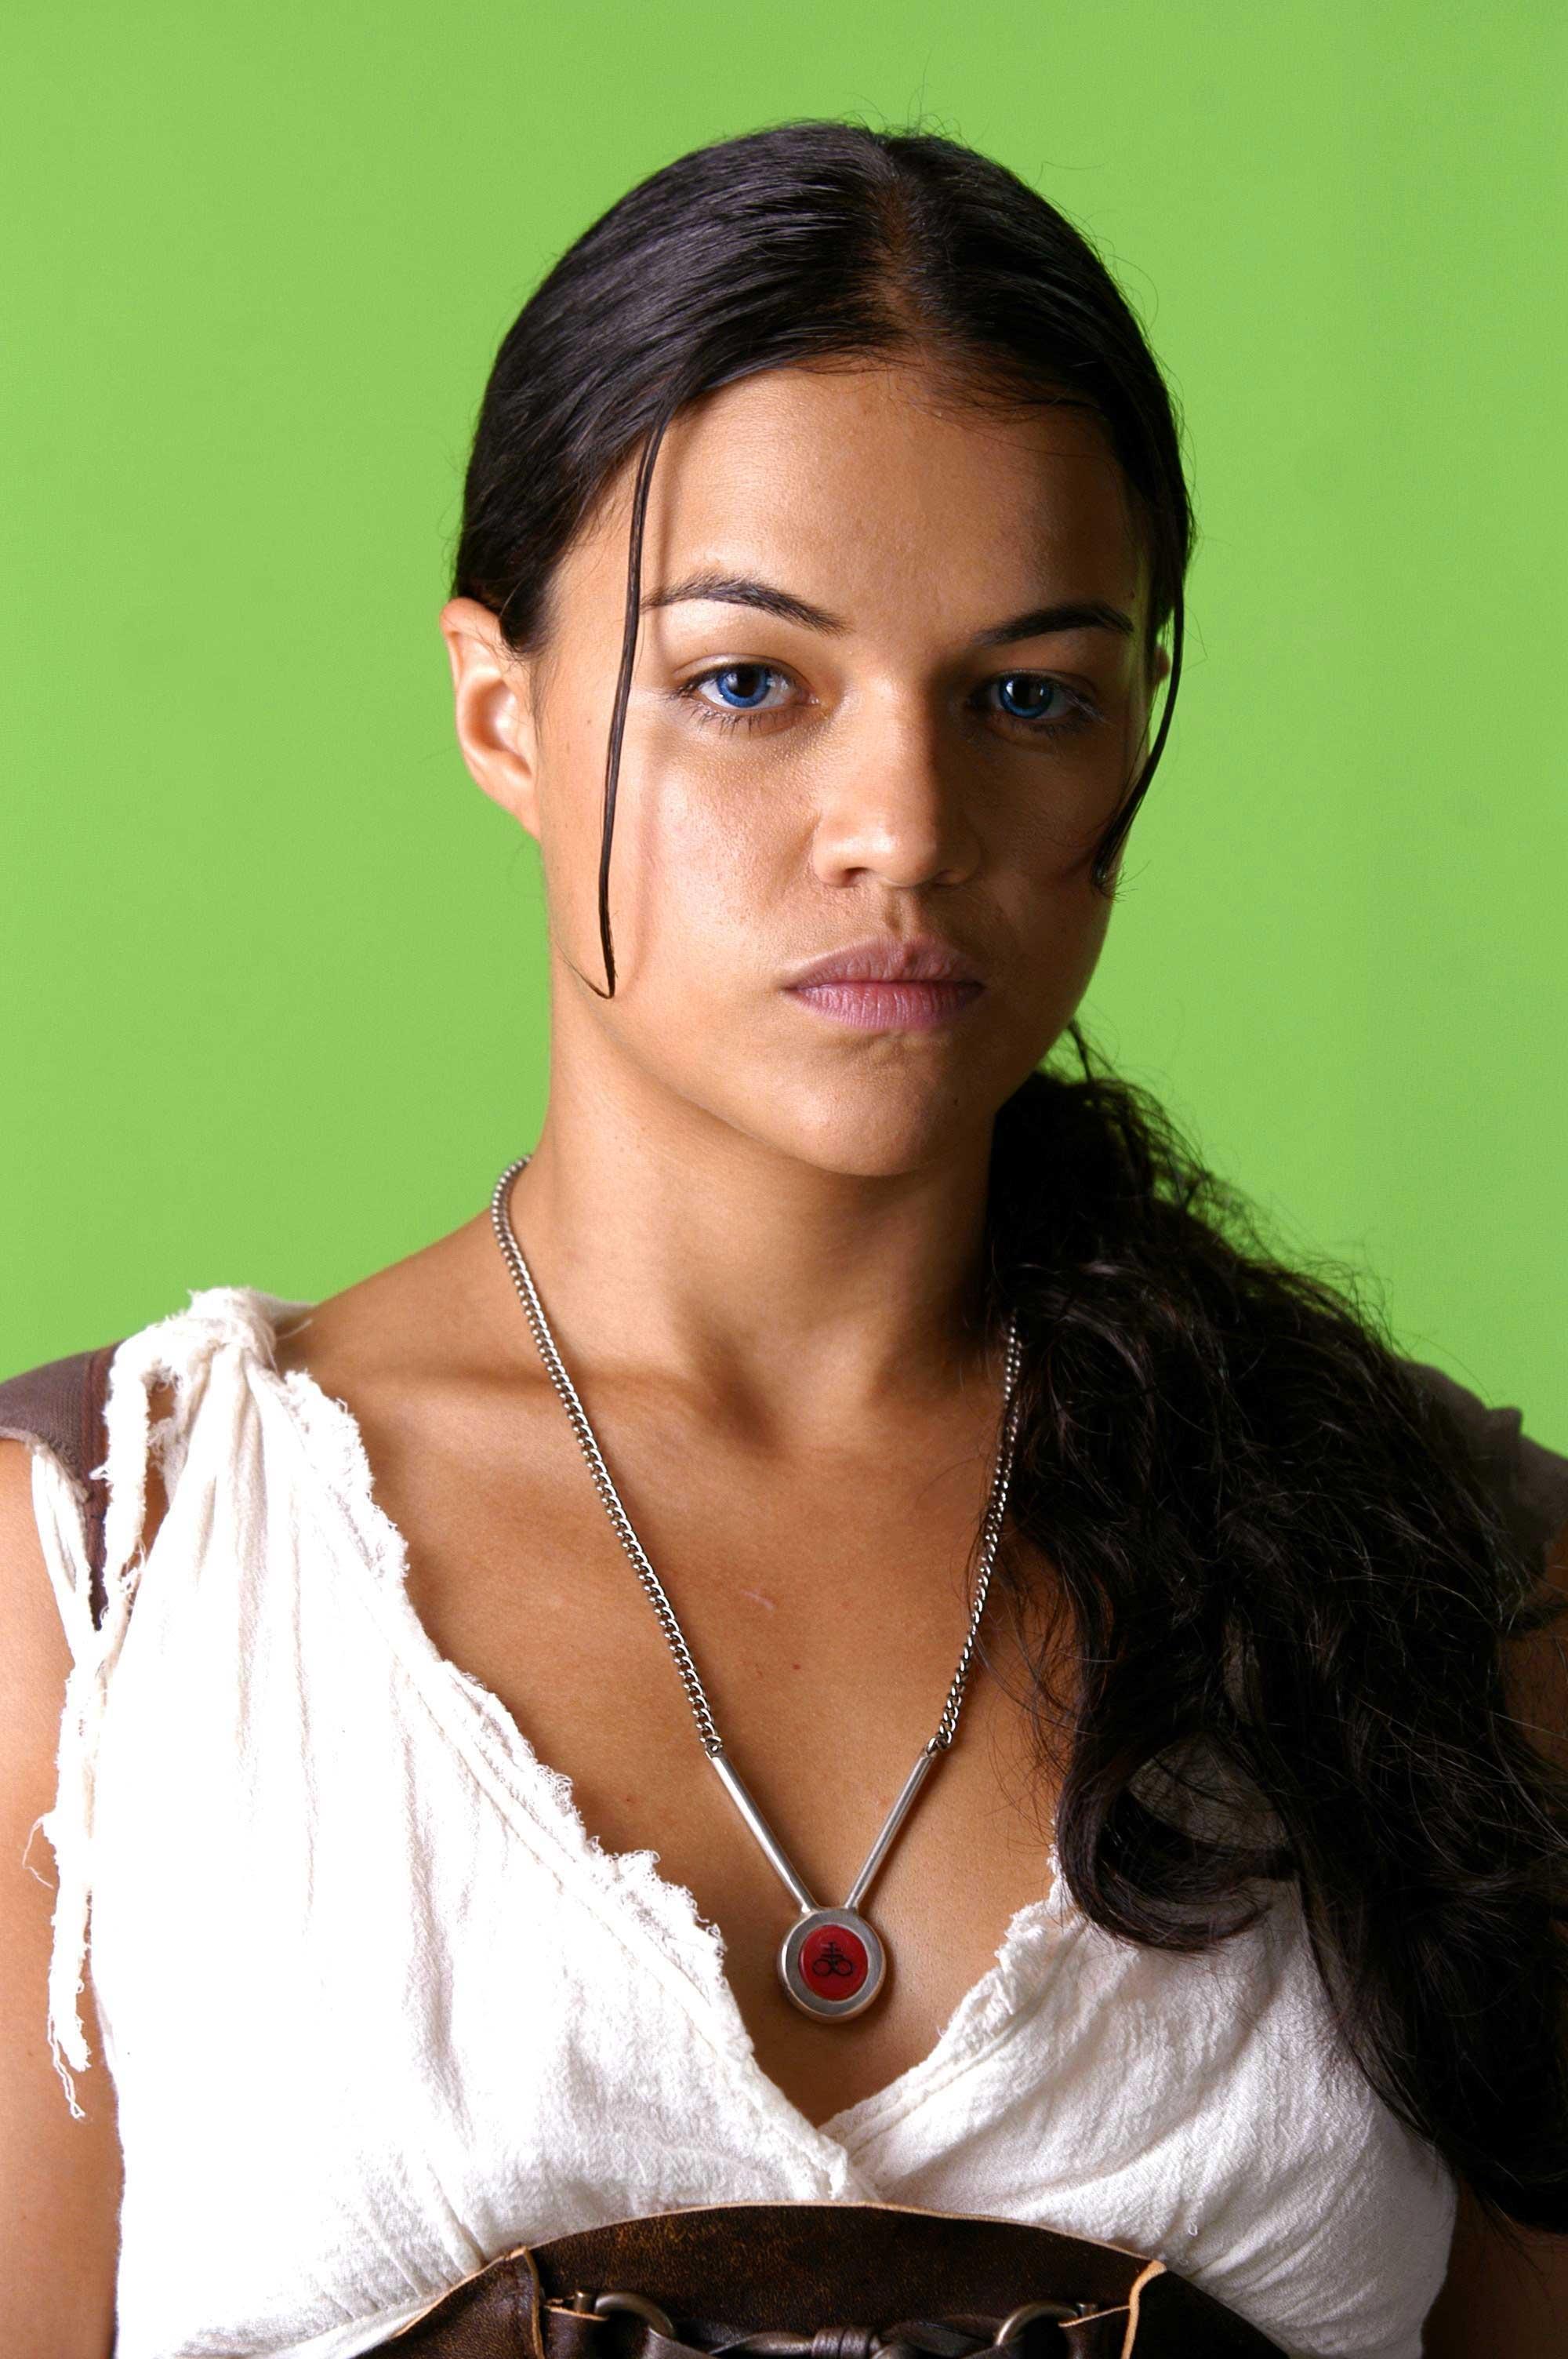 Мишель Родригес /Michelle Rodriguez/: фото актрисы